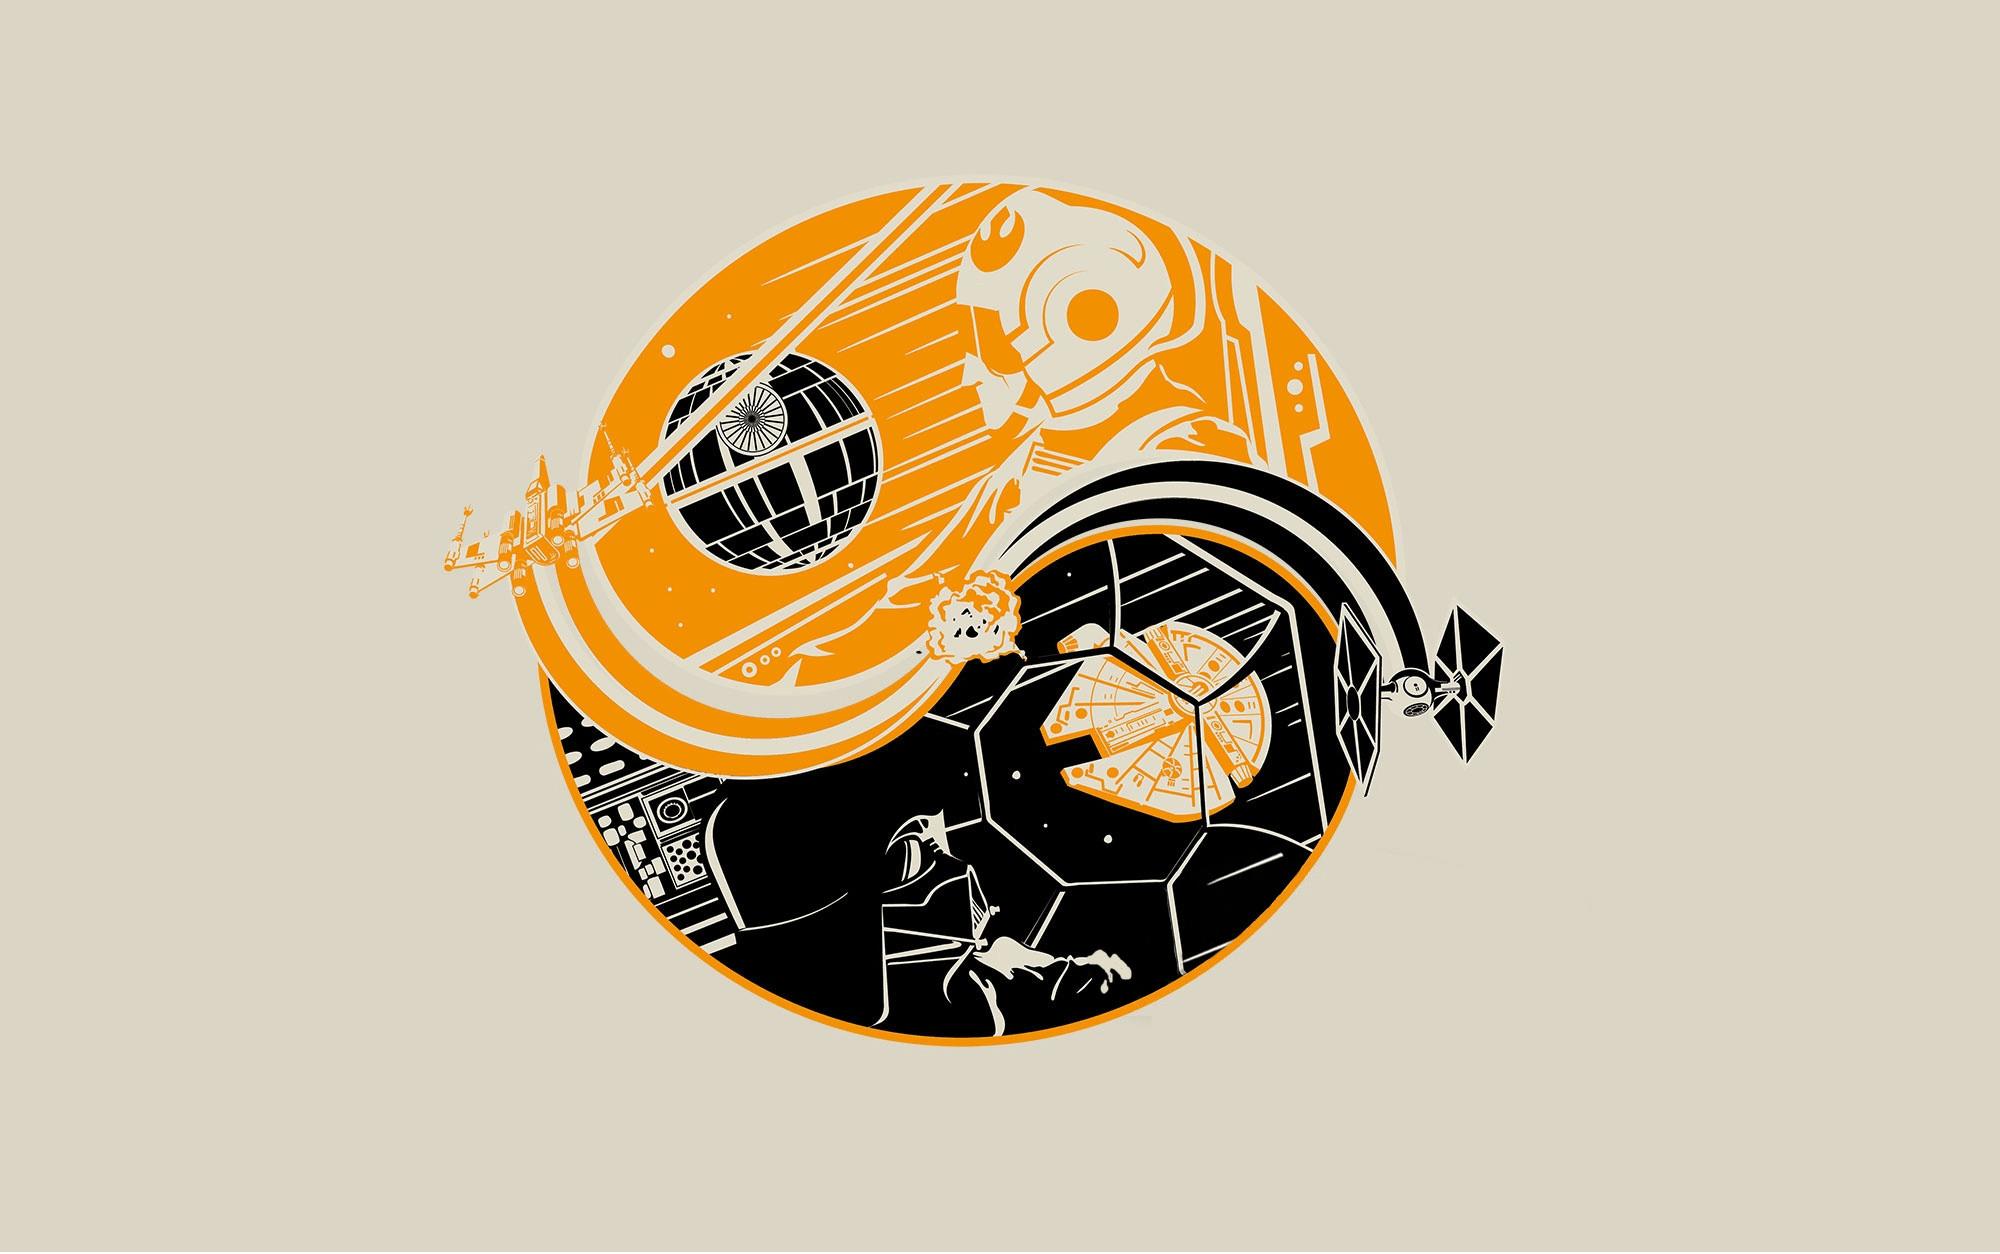 yin yang wallpapers, gin yang